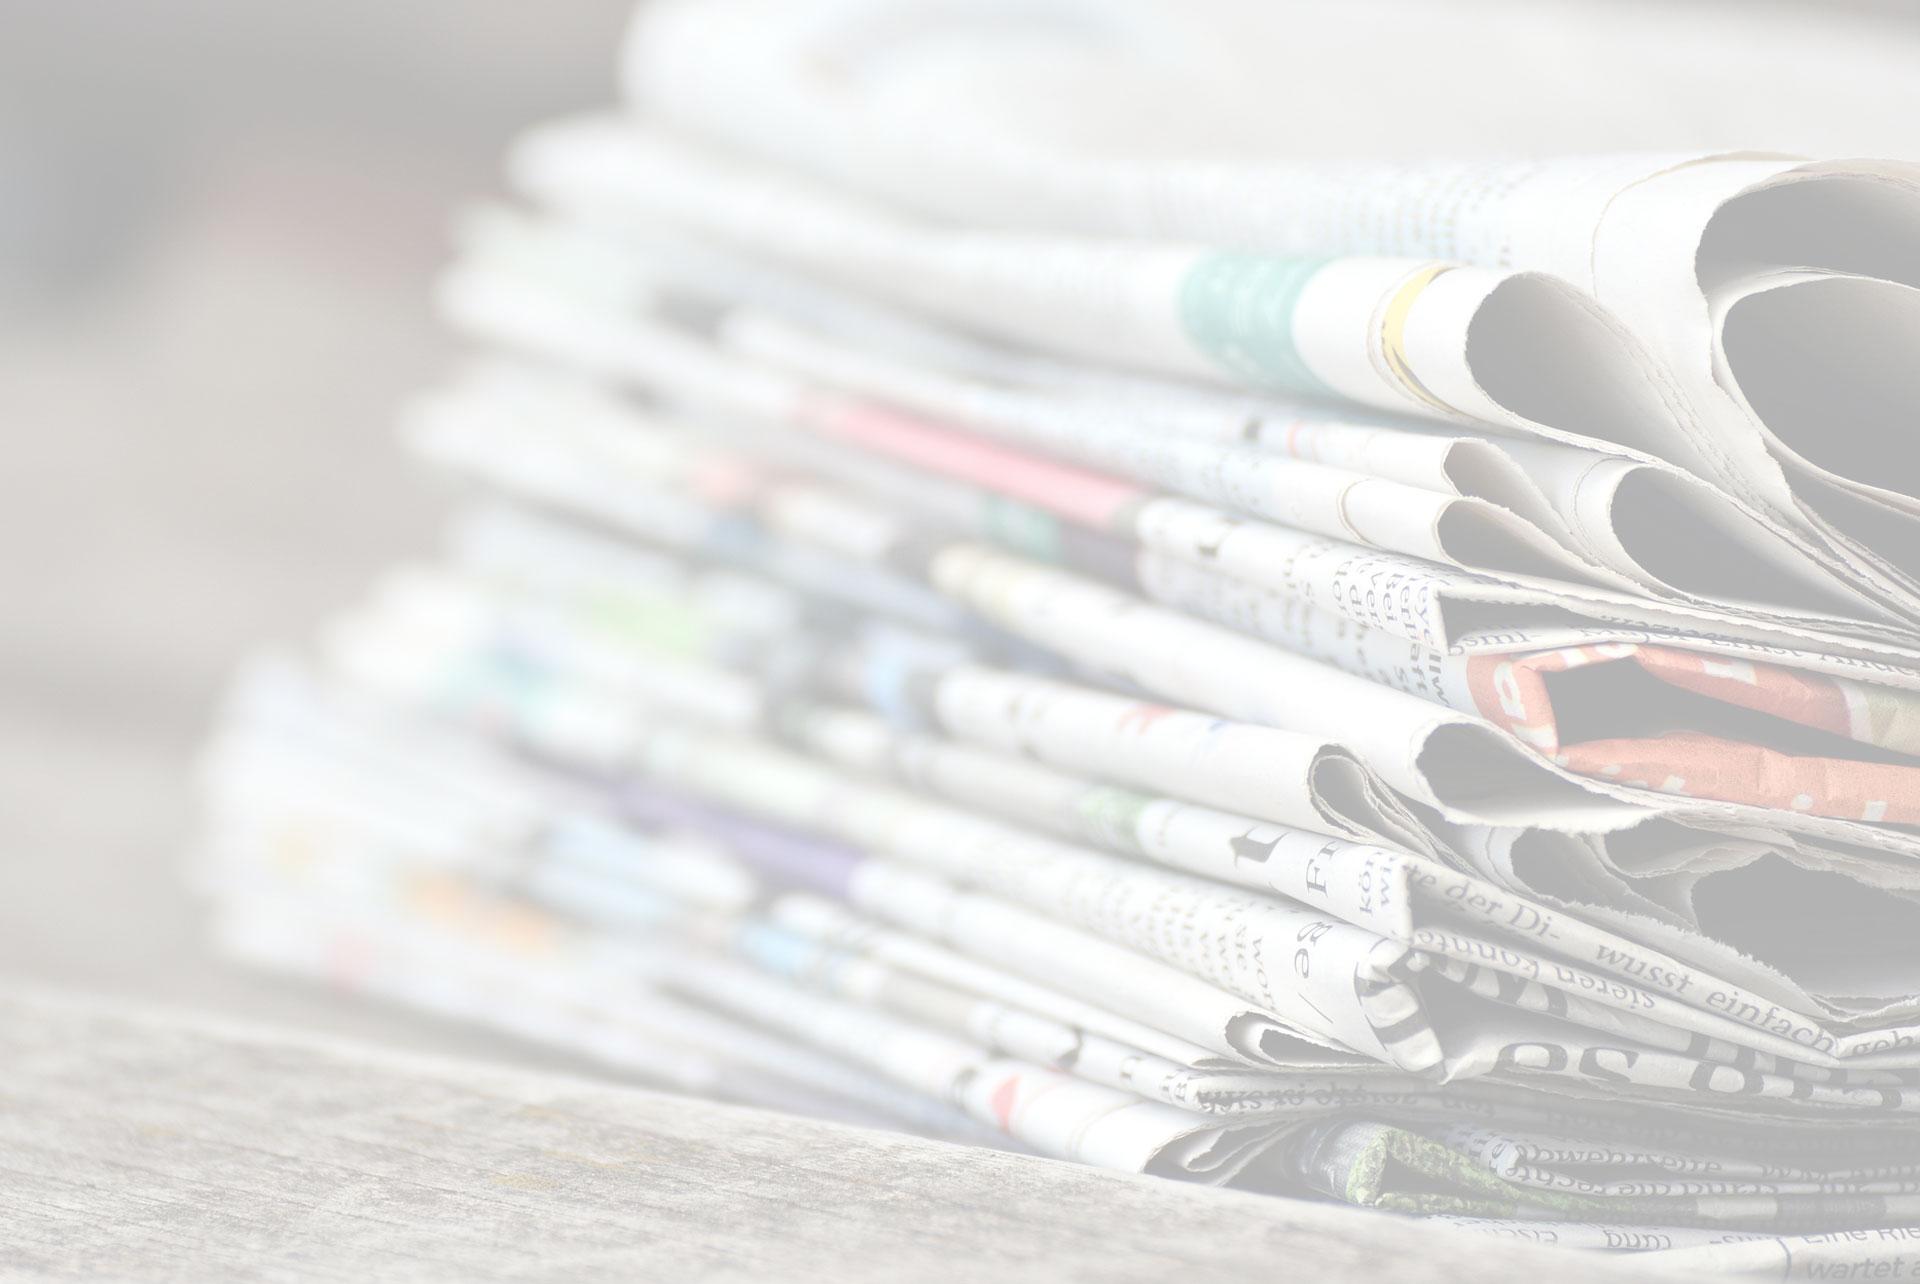 COSA SONO GLI EURO SCRITTURALI